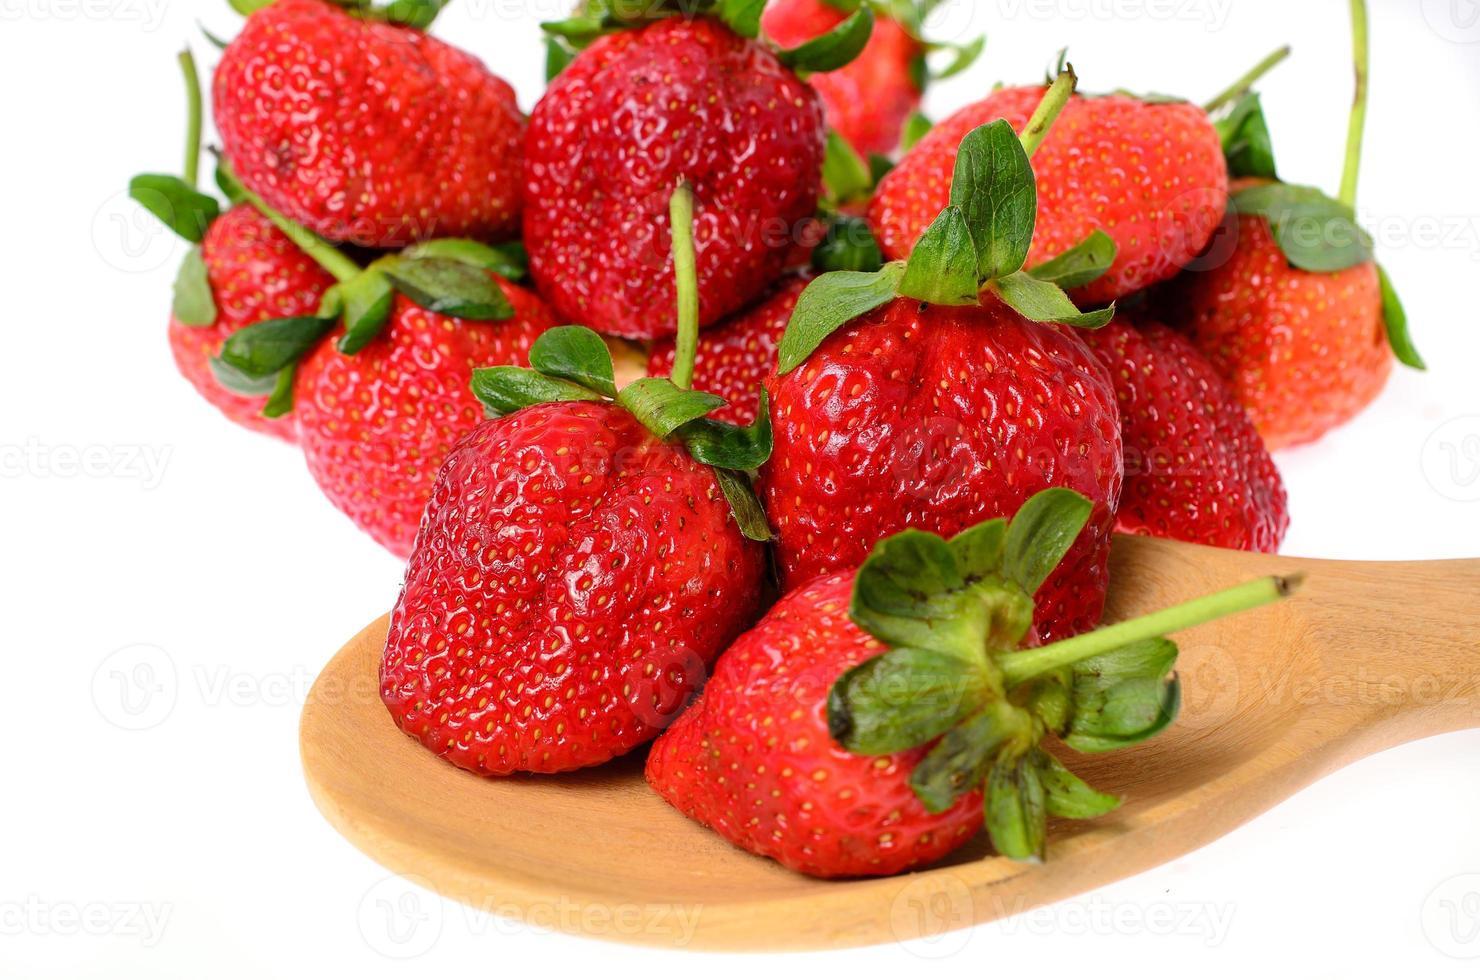 jordgubbar sätta på wodden sked foto